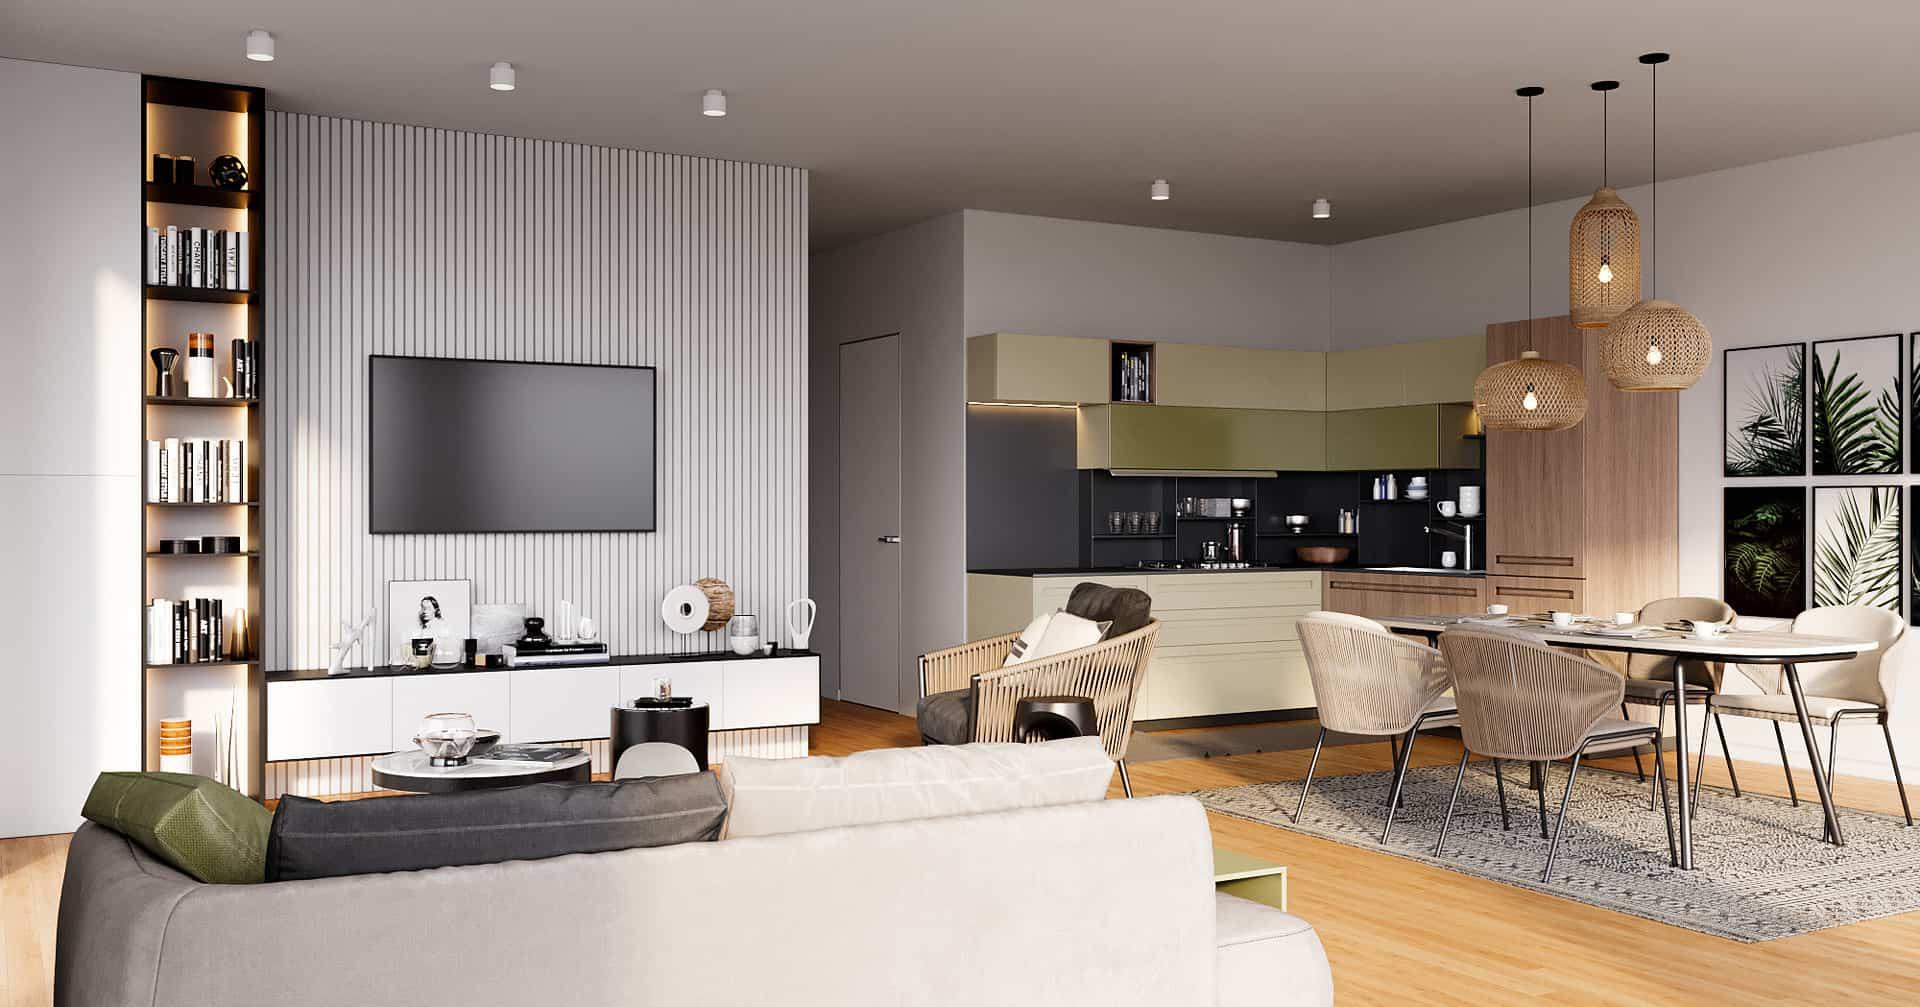 Saxonyards Wohnung mit Einbauküche, Esstisch, Sofa, Fernseher, Regal, Lampen